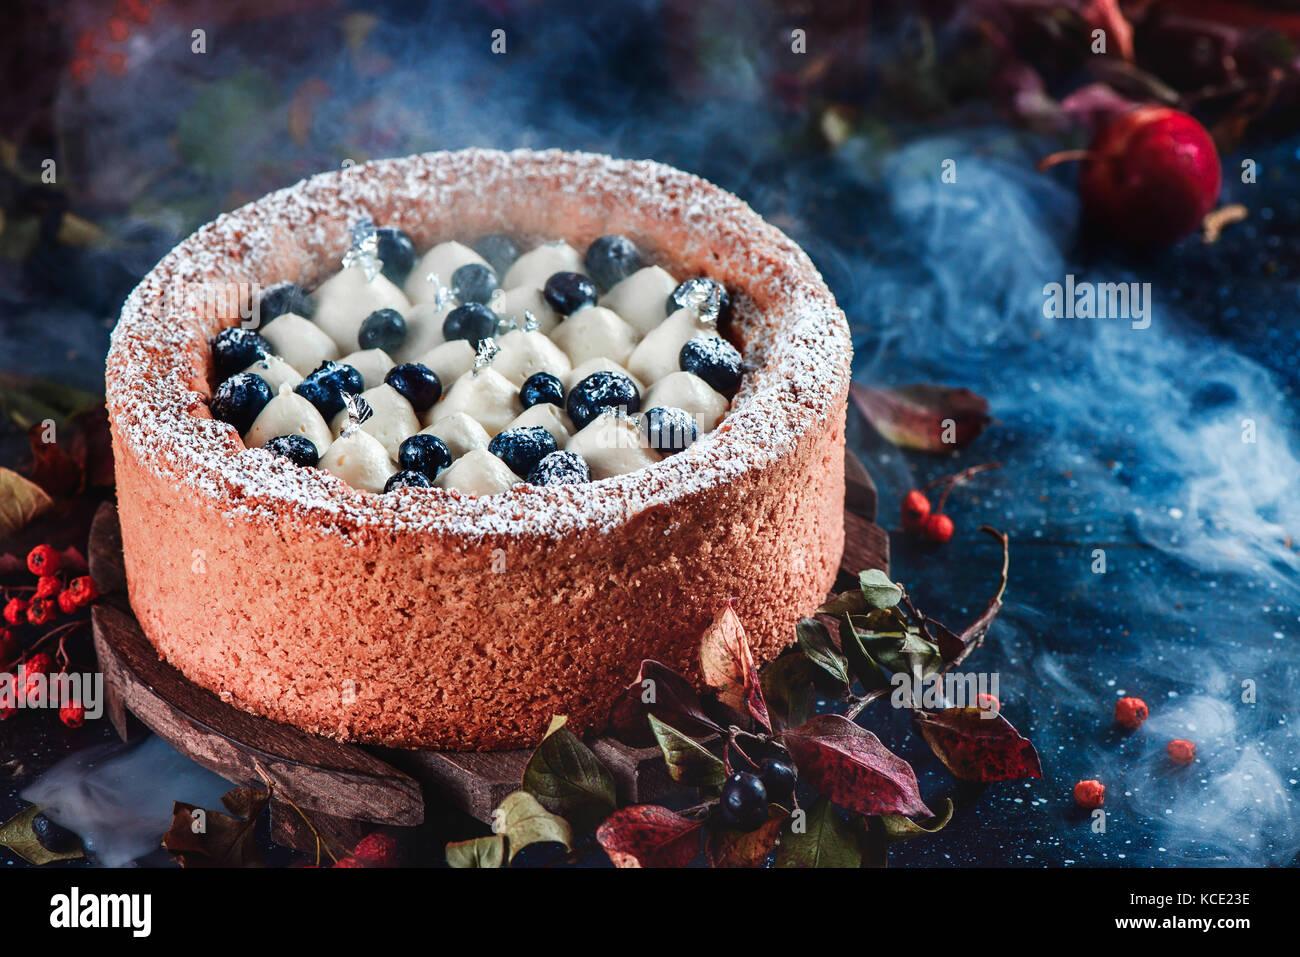 Panna montata e mirtillo torta con una crosta di pasta frolla su uno sfondo scuro. scuro fotografia alimentare con Immagini Stock